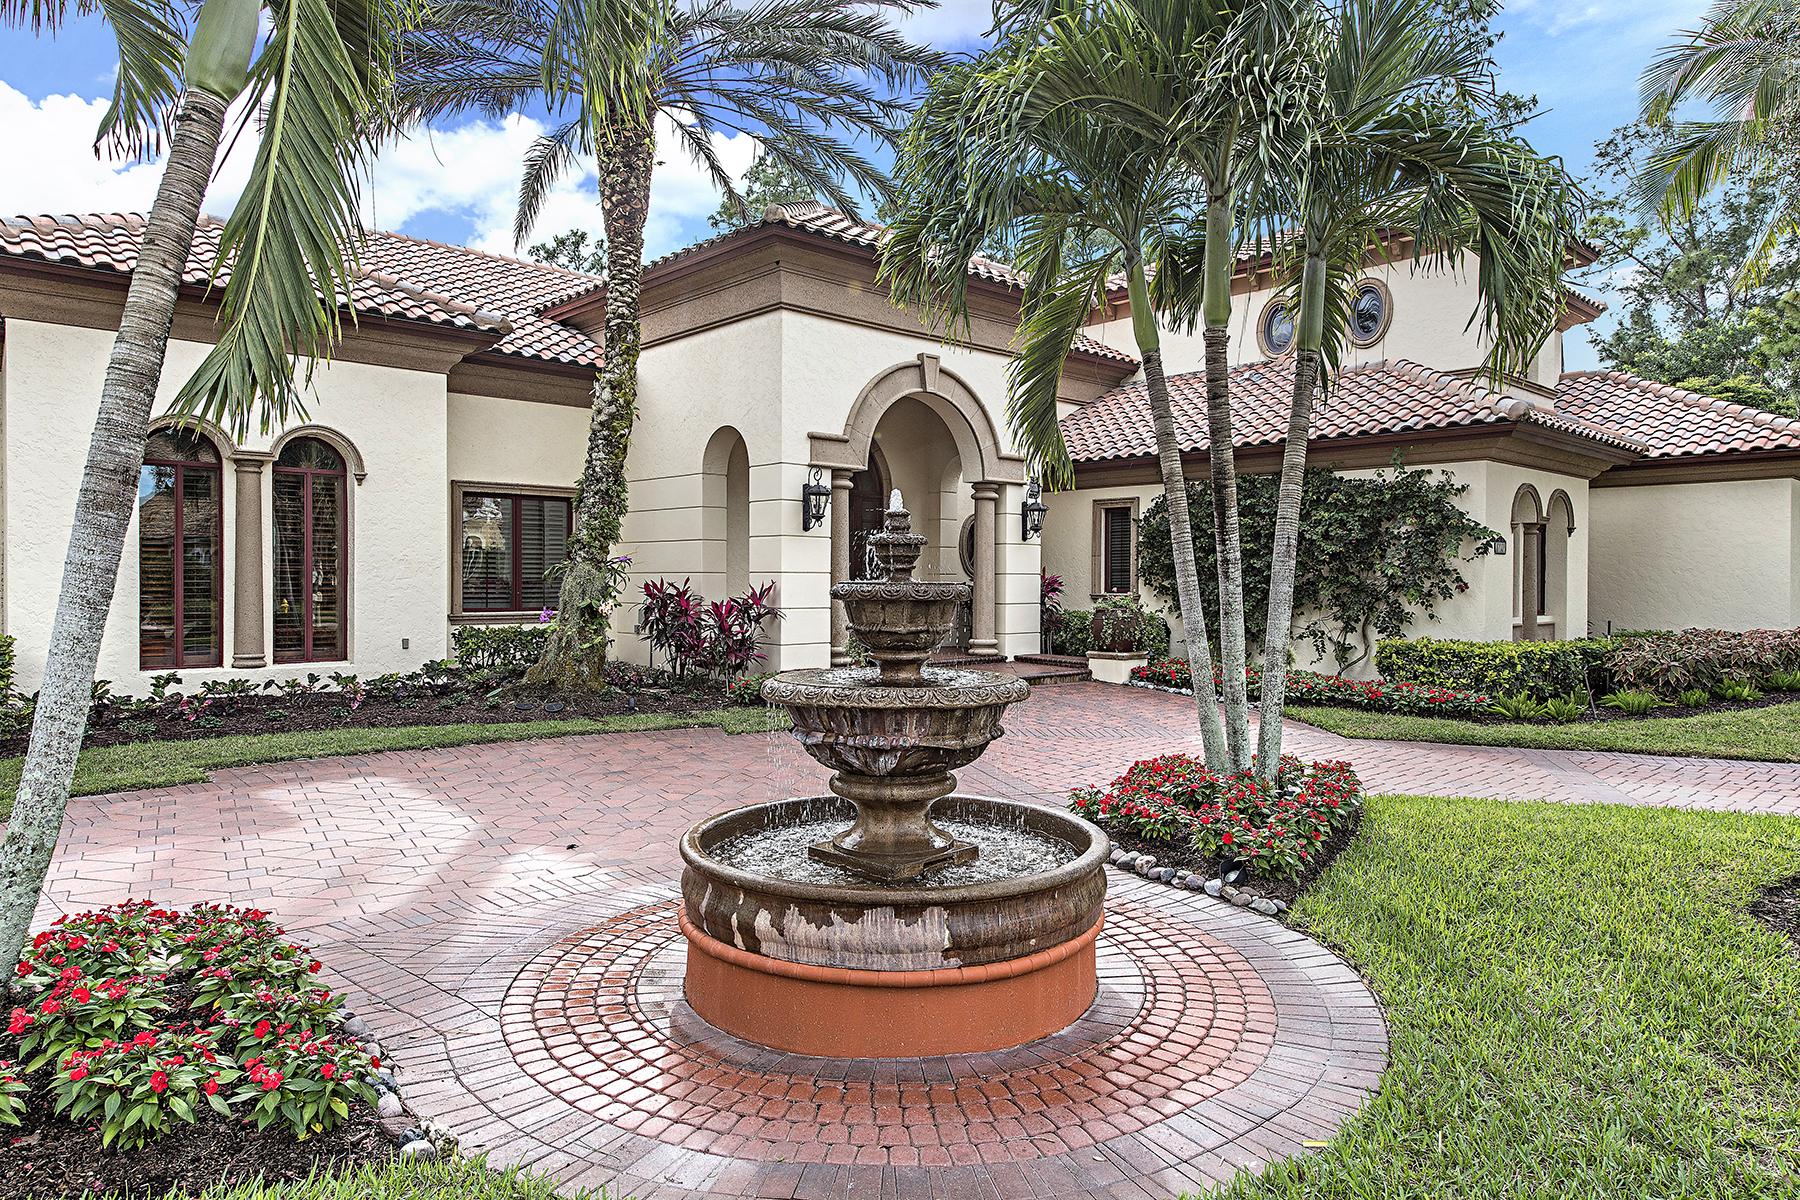 Casa Unifamiliar por un Venta en PELICAN MARSH - BAY LAUREL ESTATES 8727 Purslane Dr Naples, Florida, 34109 Estados Unidos